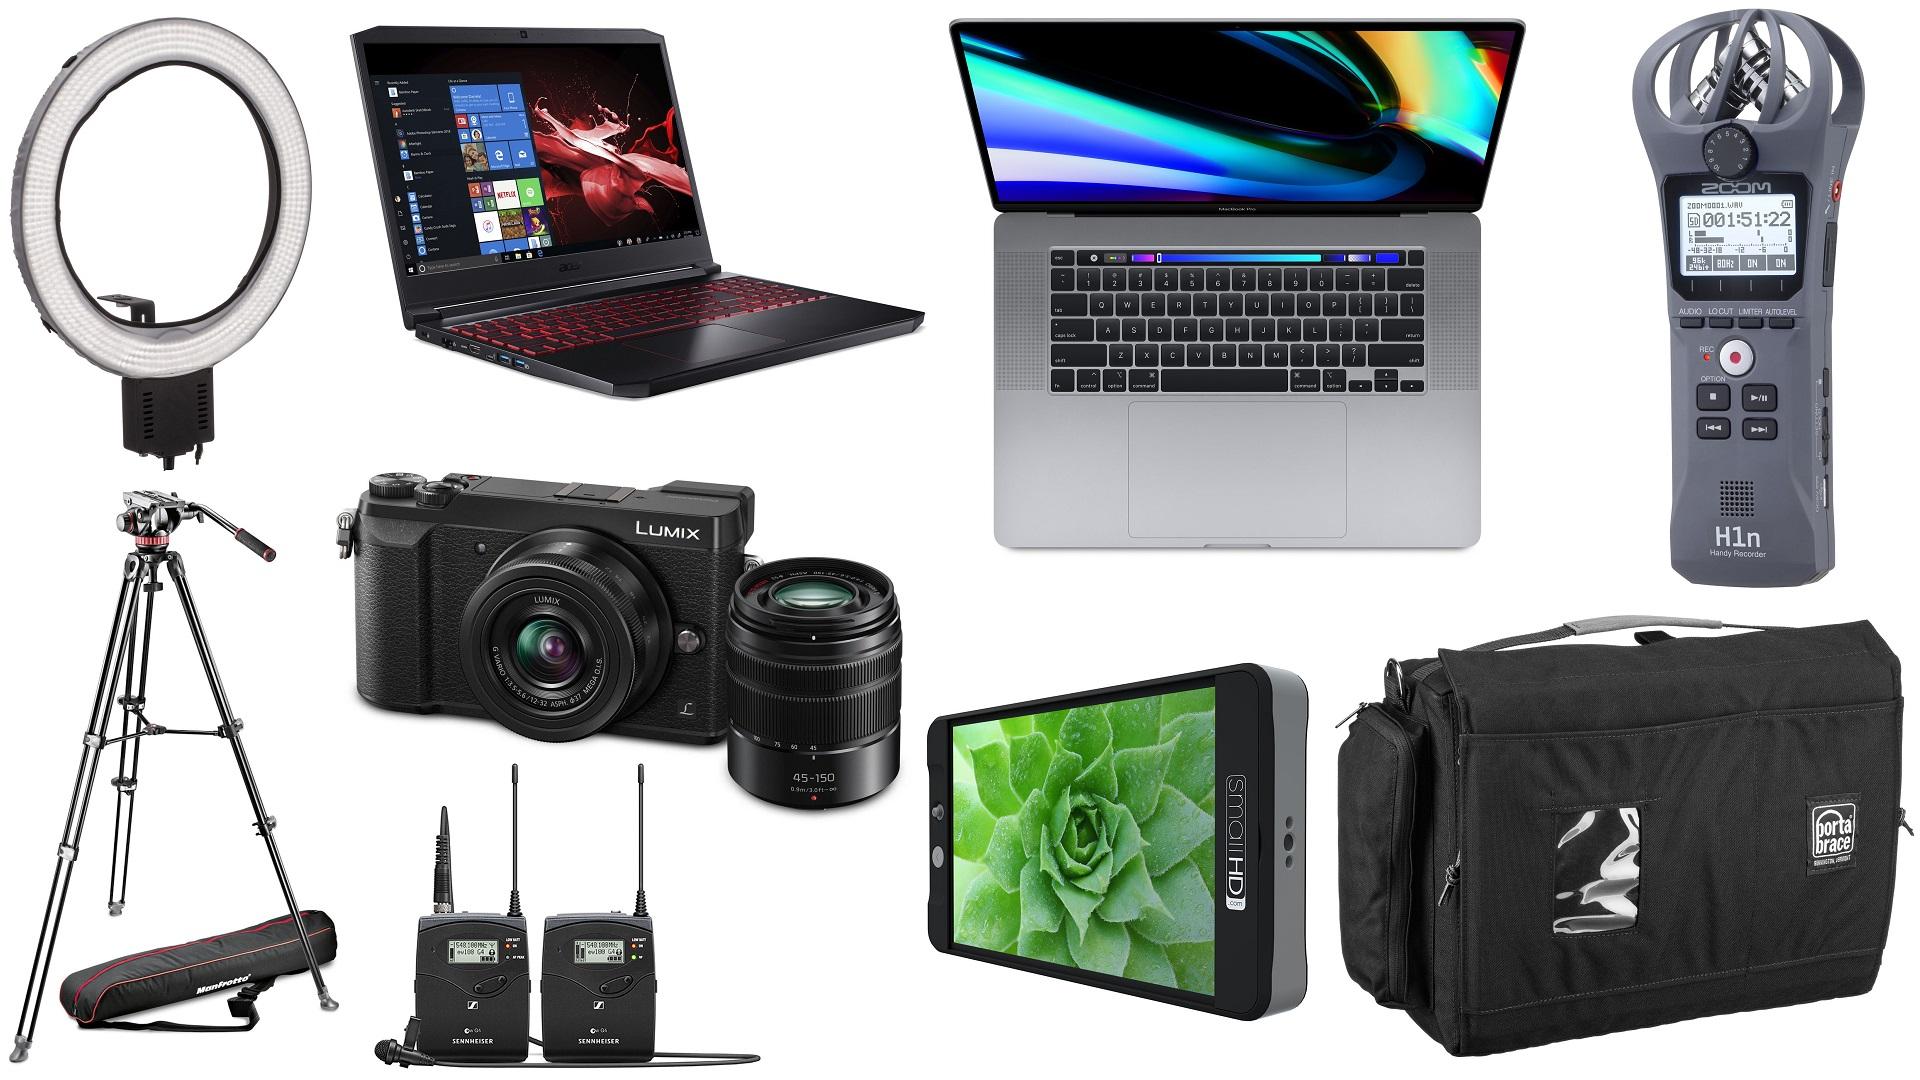 """Las mejores ofertas de esta semana para cineastas: Monitor SmallHD, Panasonic GX85, MacBook Pro 16"""" y más"""